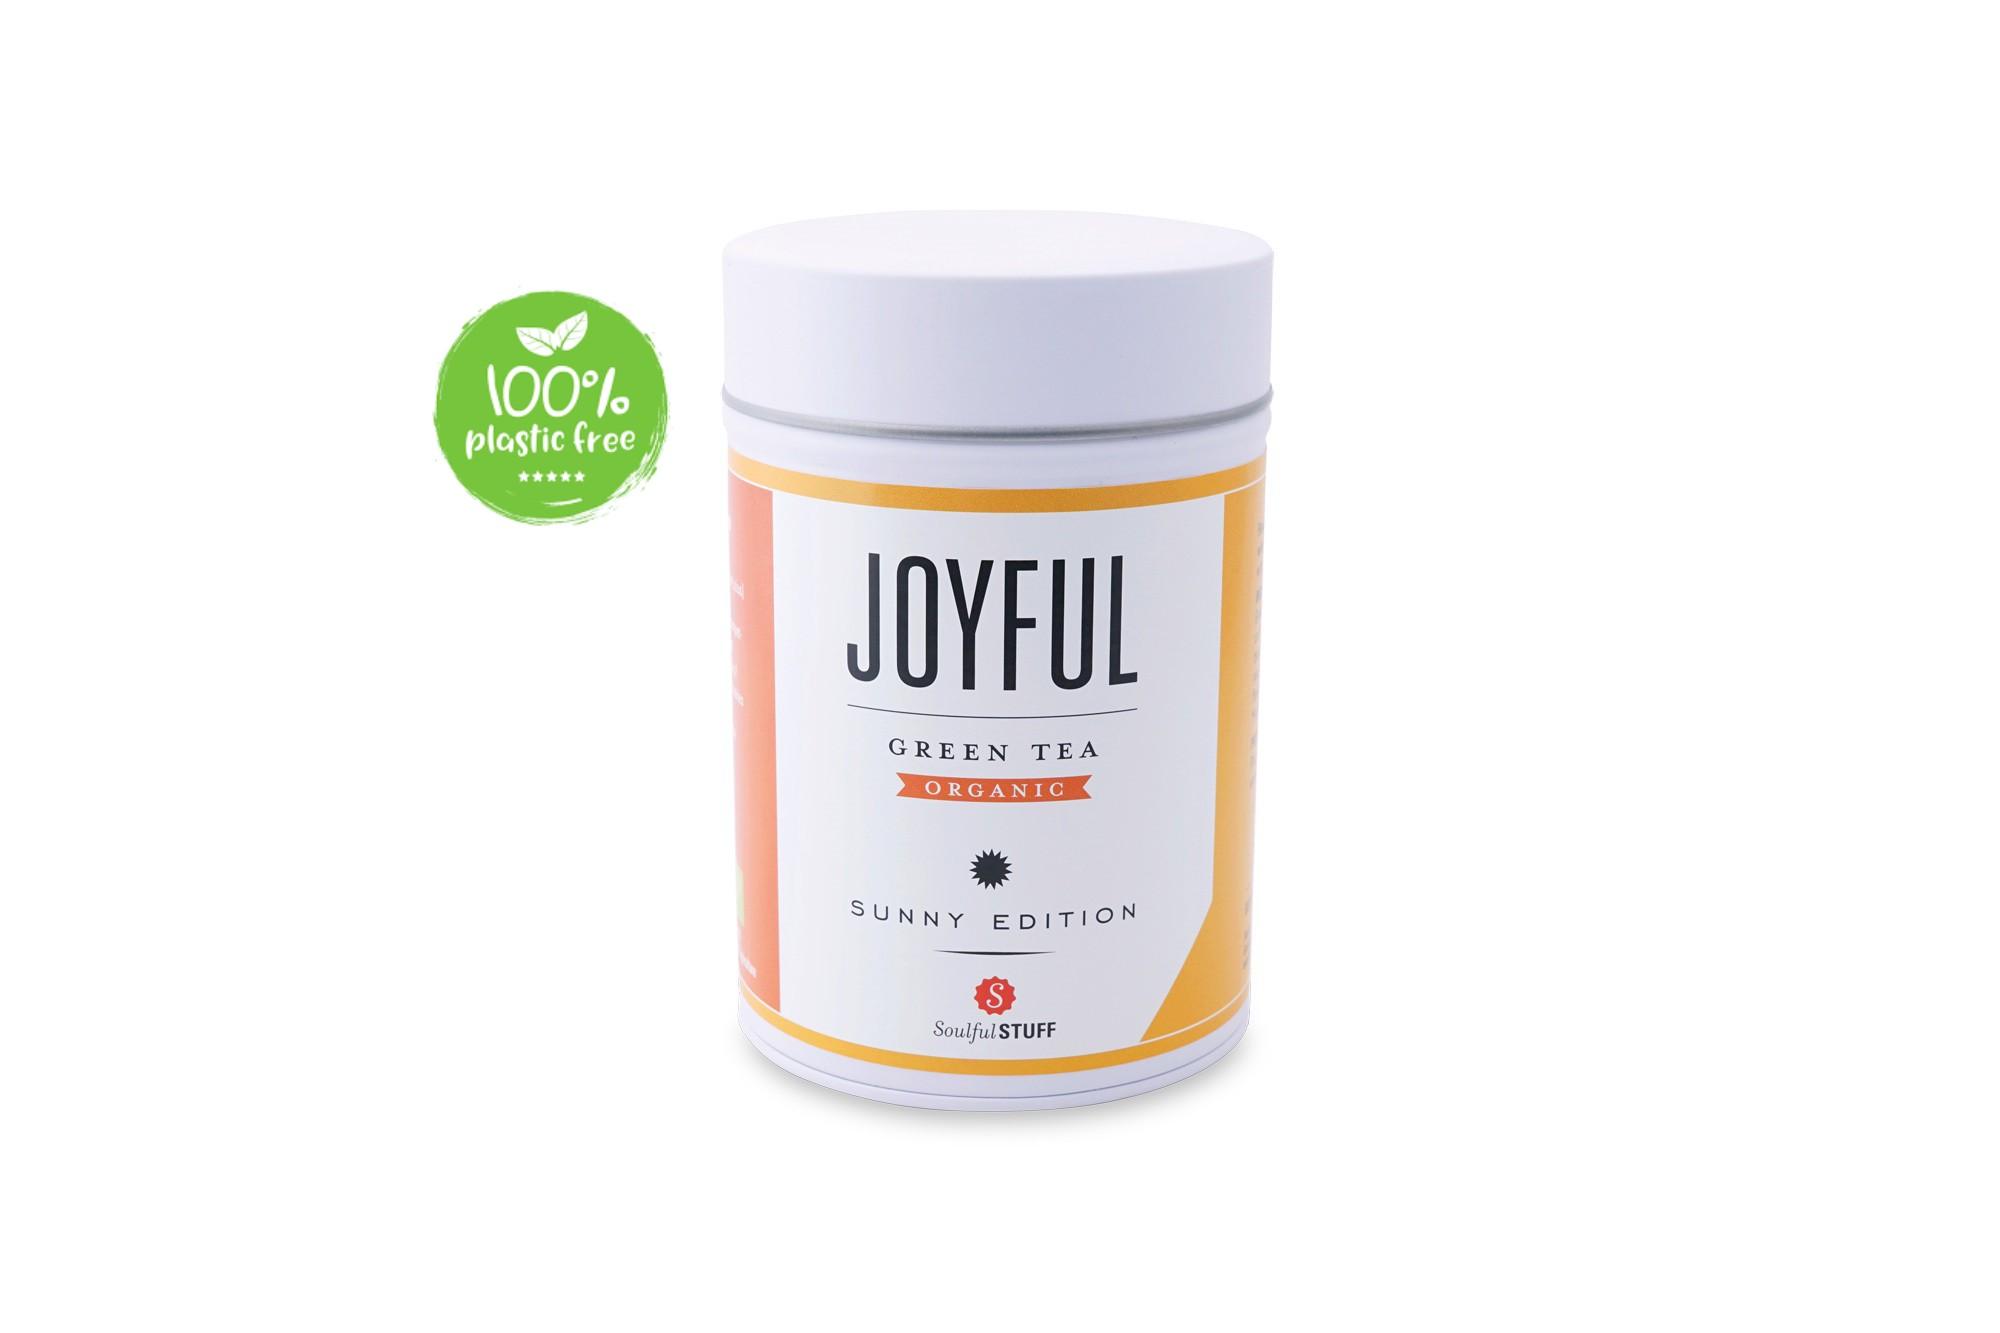 Joyful Green Tea Organic Blik 100gr. Intertee